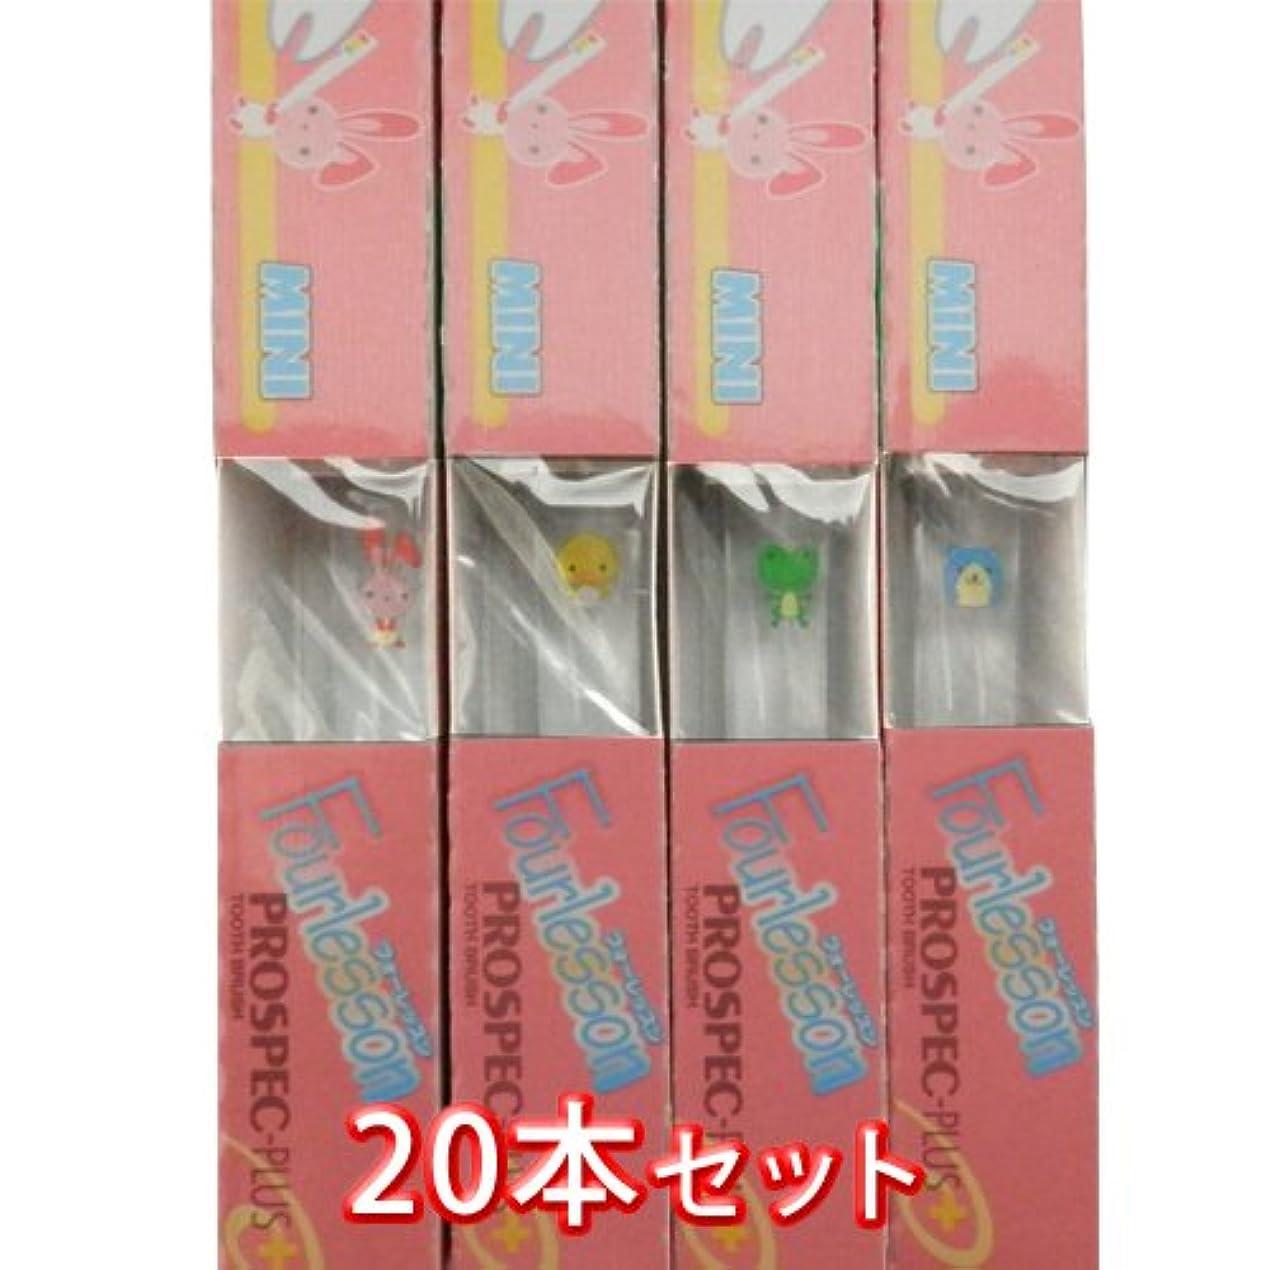 定規親密な内向きプロスペック プラス フォーレッスン ミニ 歯ブラシ 20本入